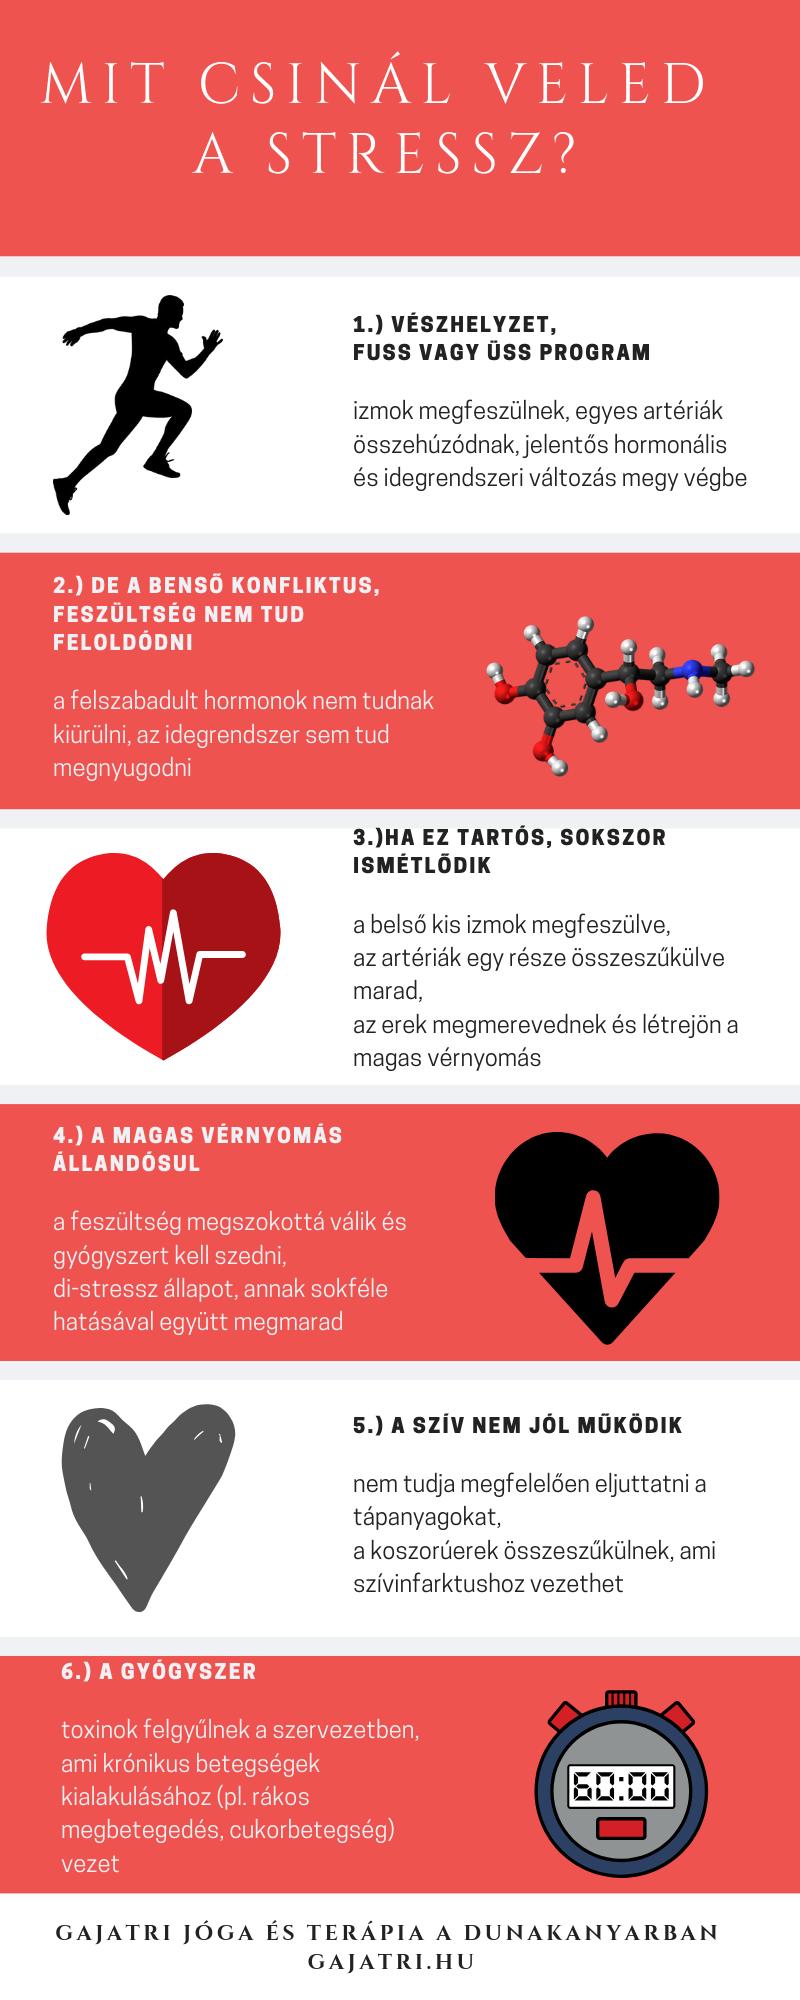 magas vérnyomás idegrendszer